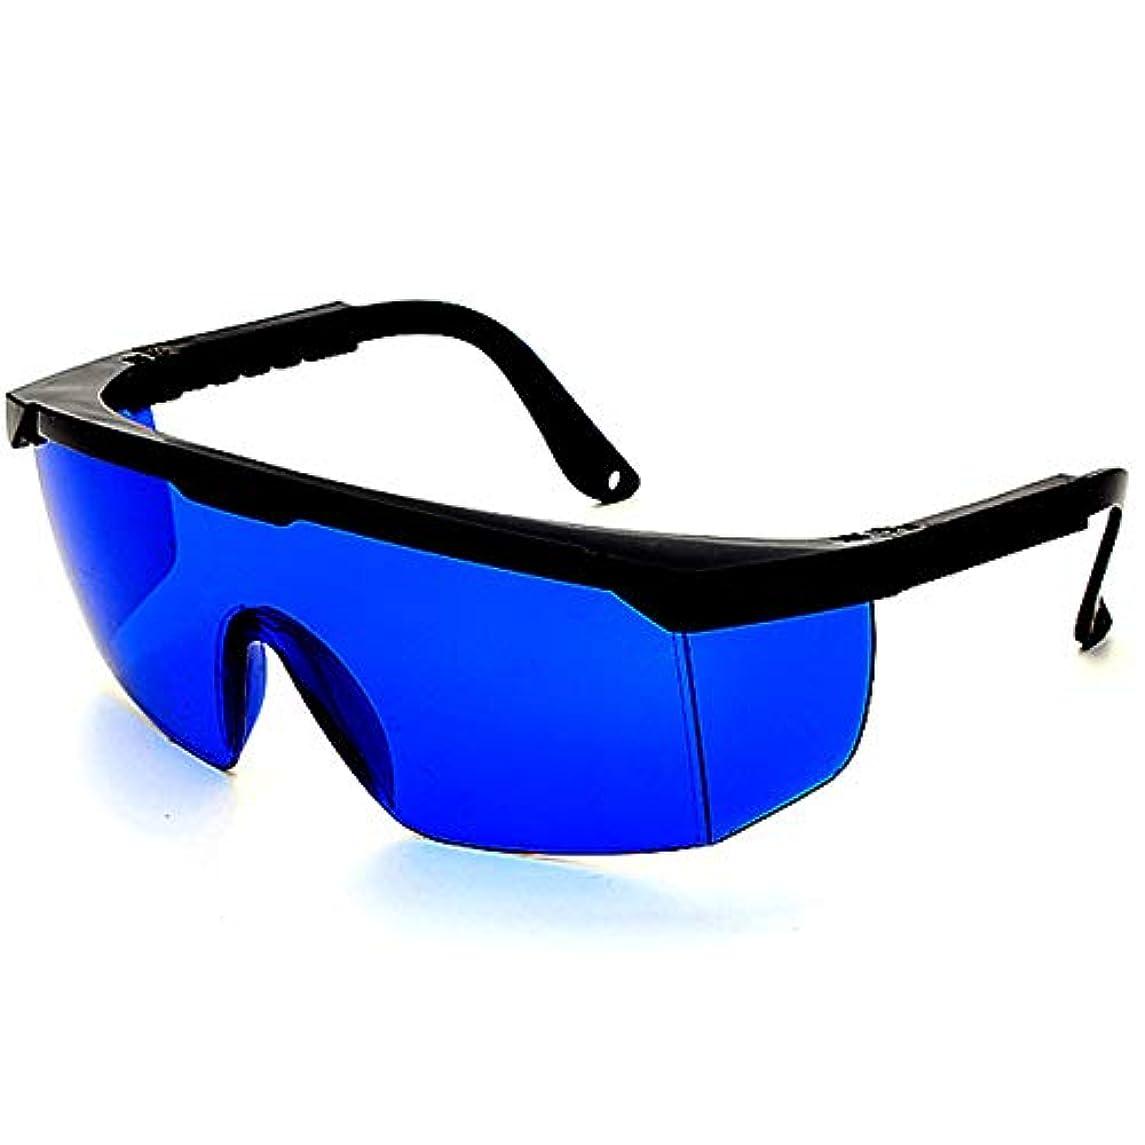 定期的なベーシック眼レーザー保護メガネIPL美容機器メガネ、レーザーメガネ - 2組のパルス光保護メガネ。